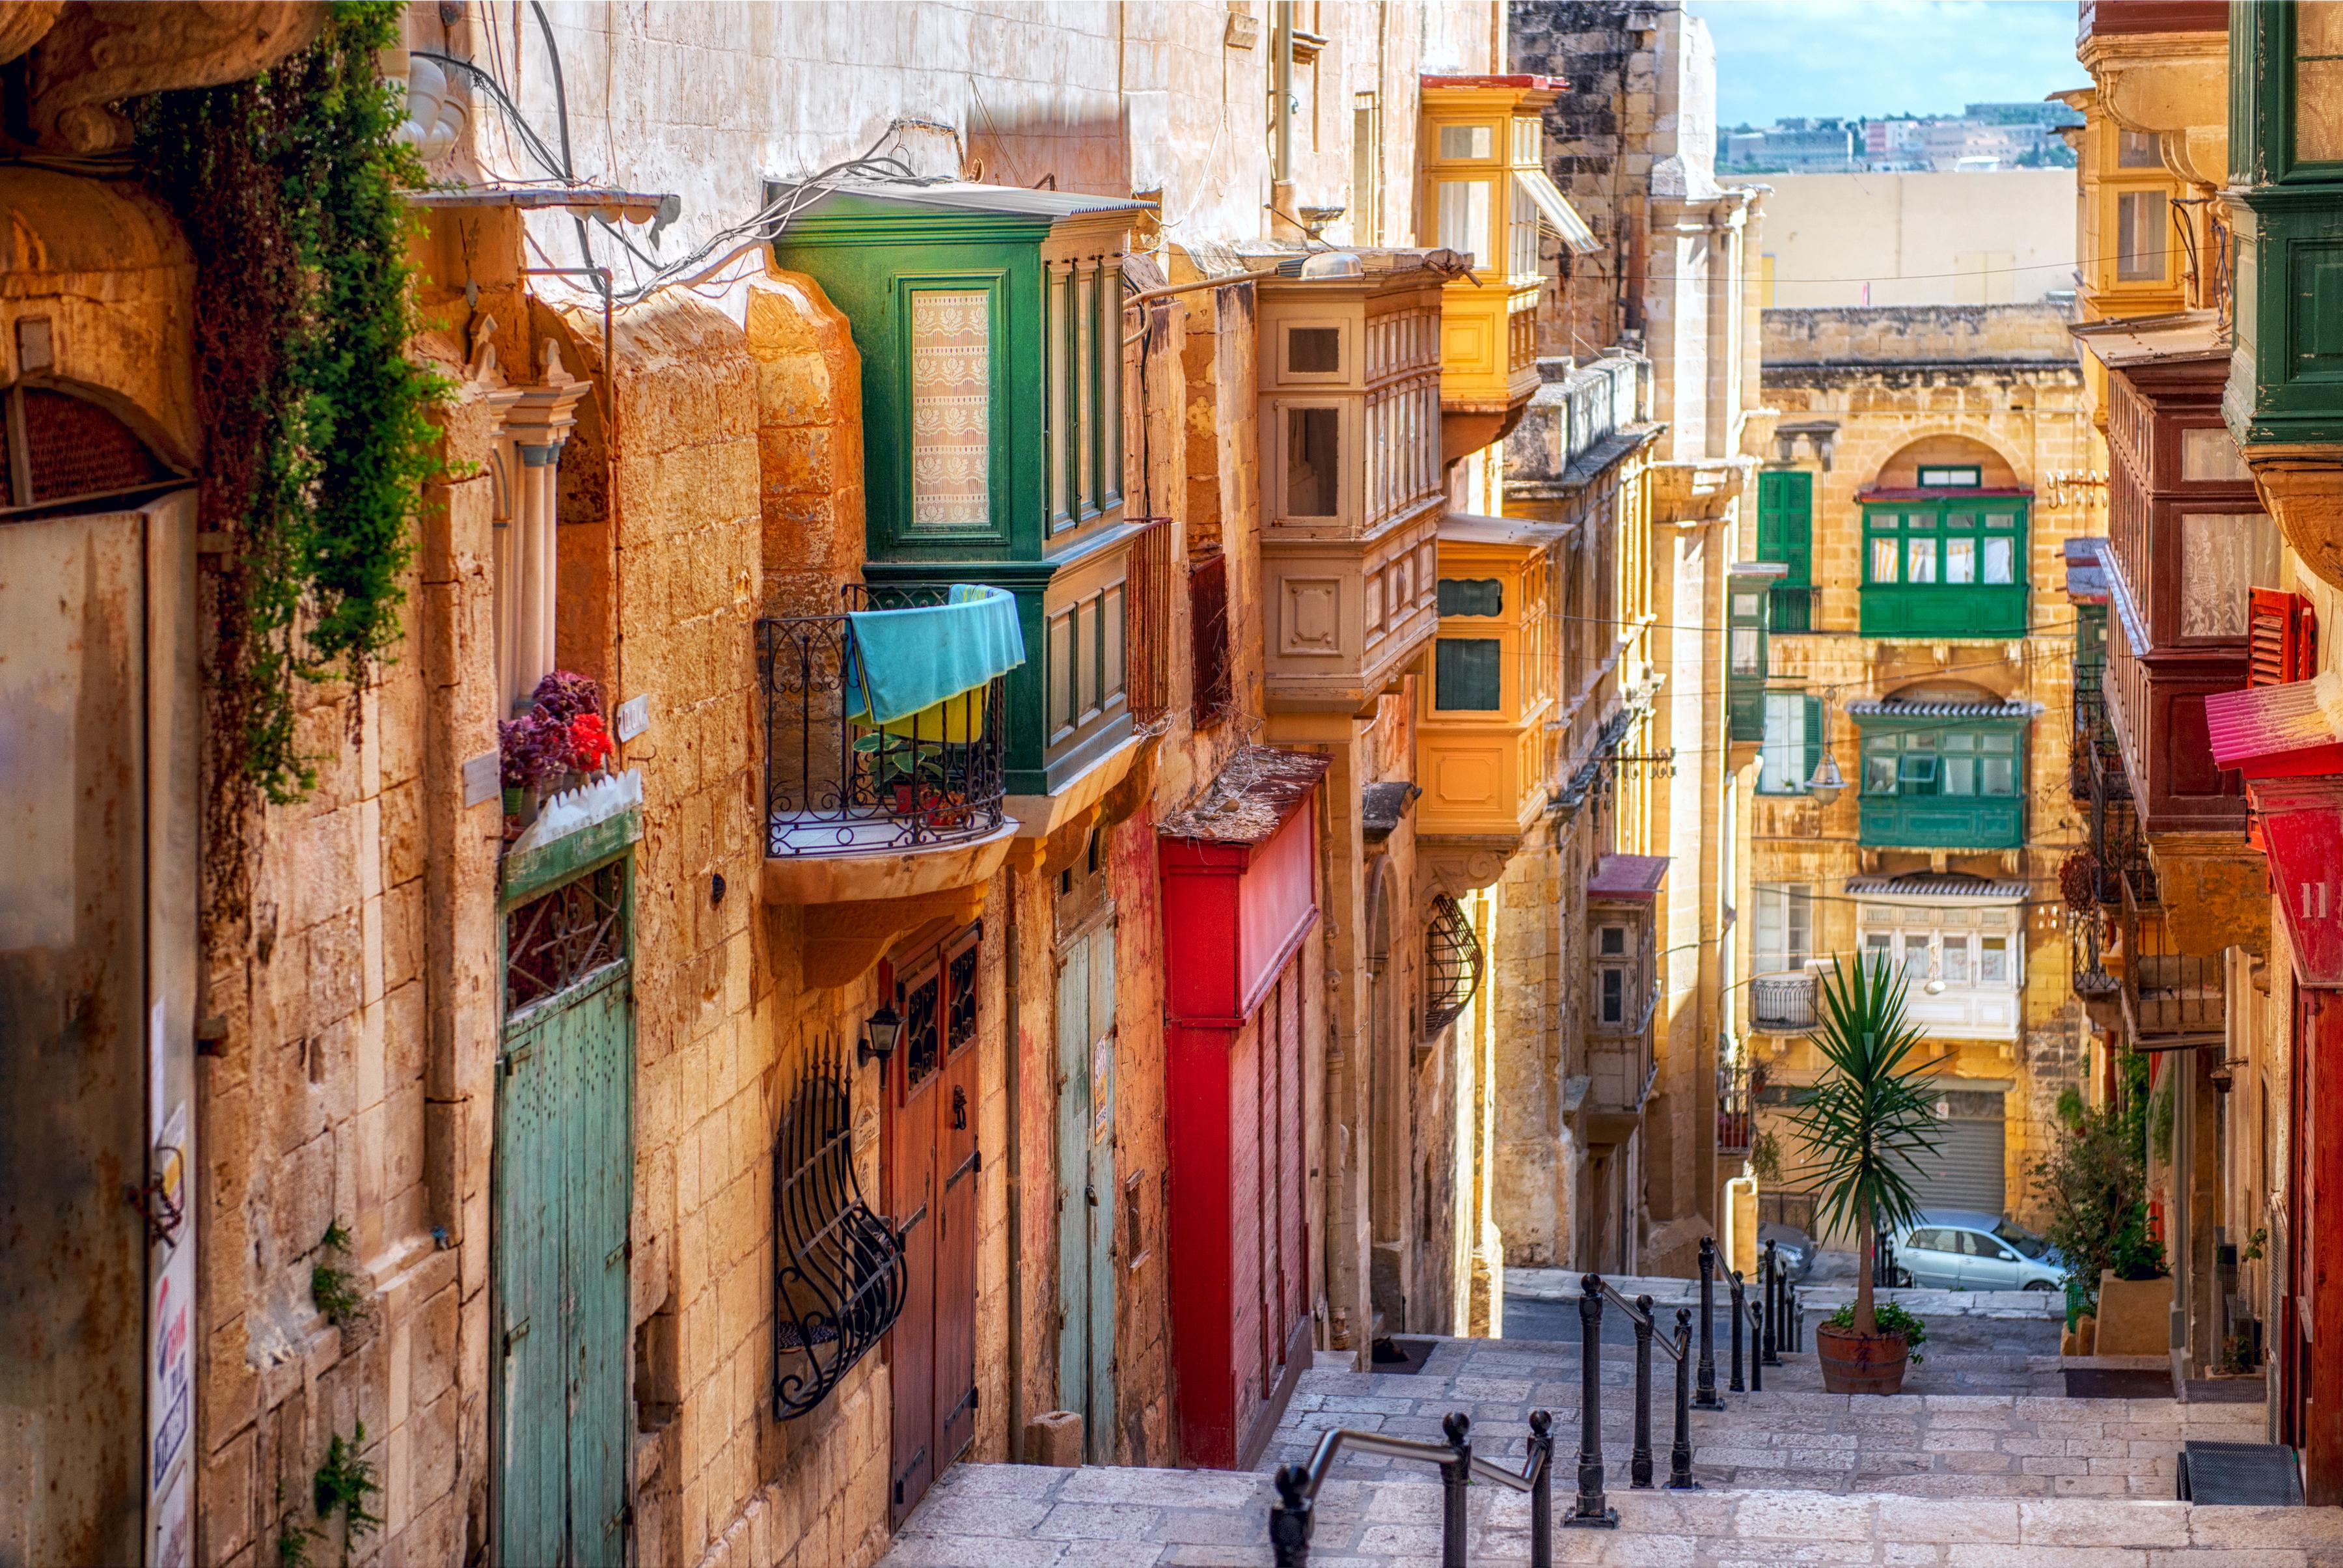 Mira con ojos de futuro a la capital más pequeña de la Unión Europea - Malta Circuito Maravillas de Malta